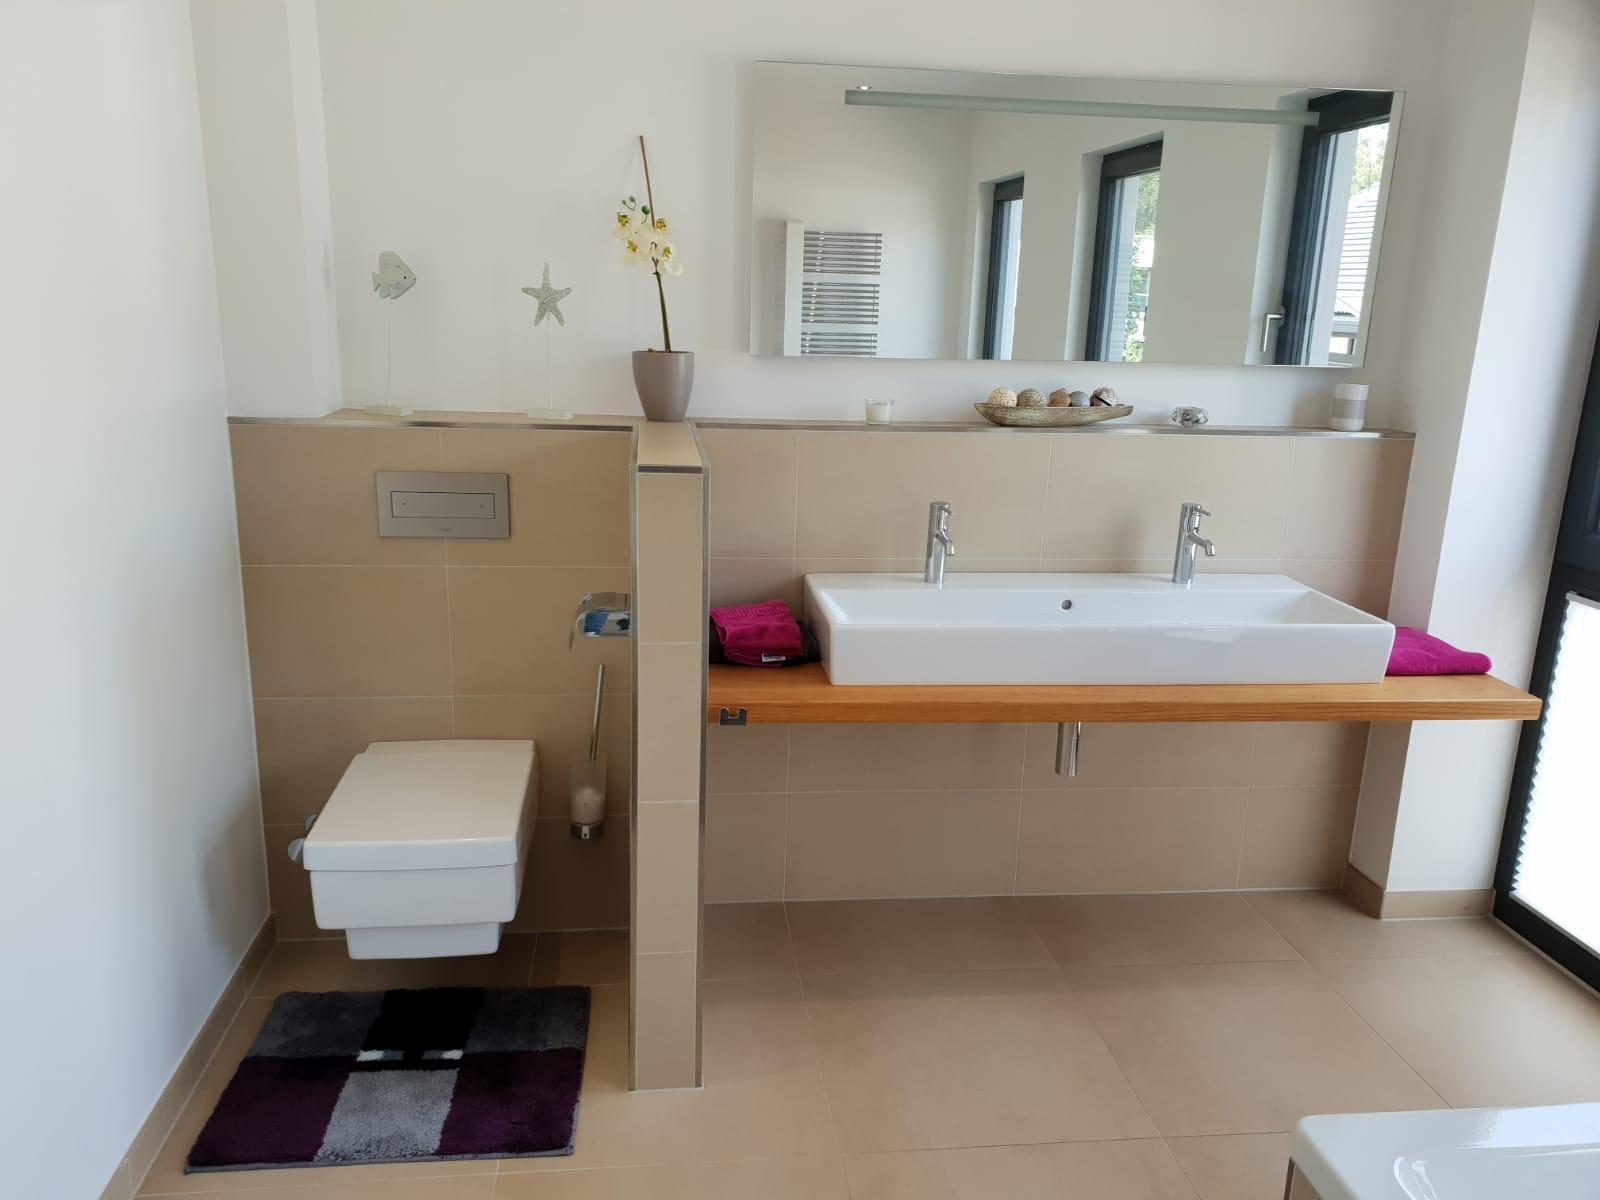 Stilvolle Lösungen für das Bad